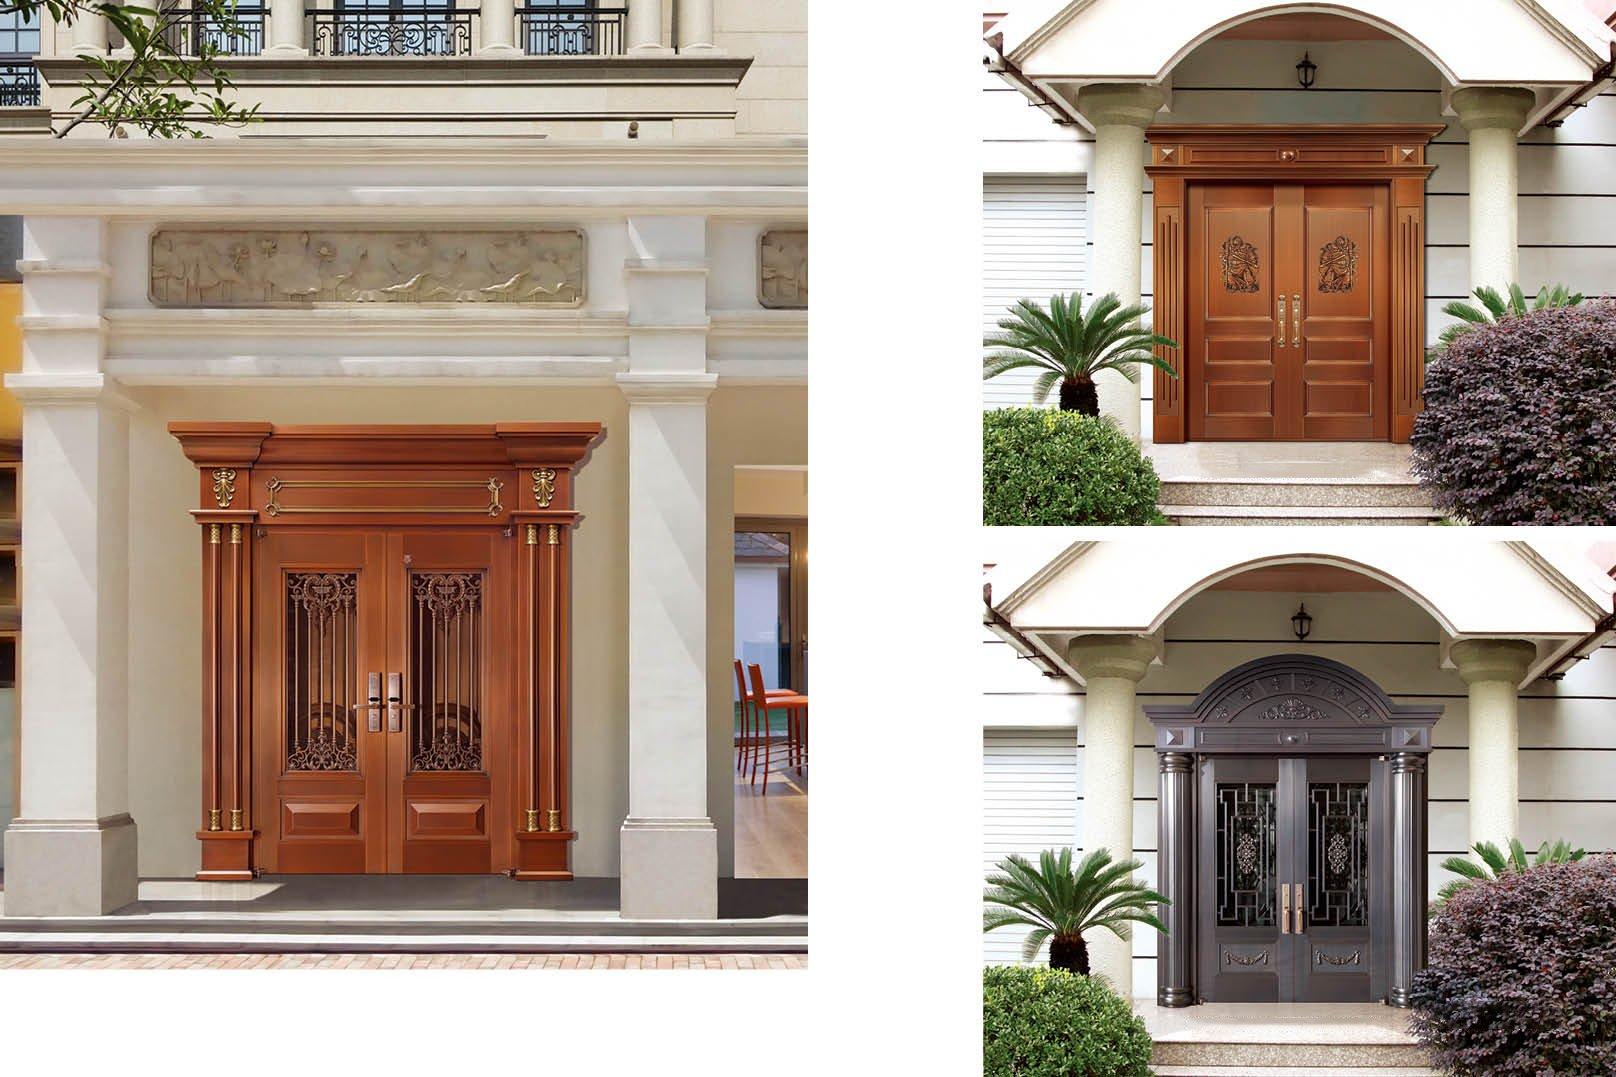 Khi xây biệt thự, để chọn được kích thước cửa chuẩn bạn nên dùng thước lỗ ban